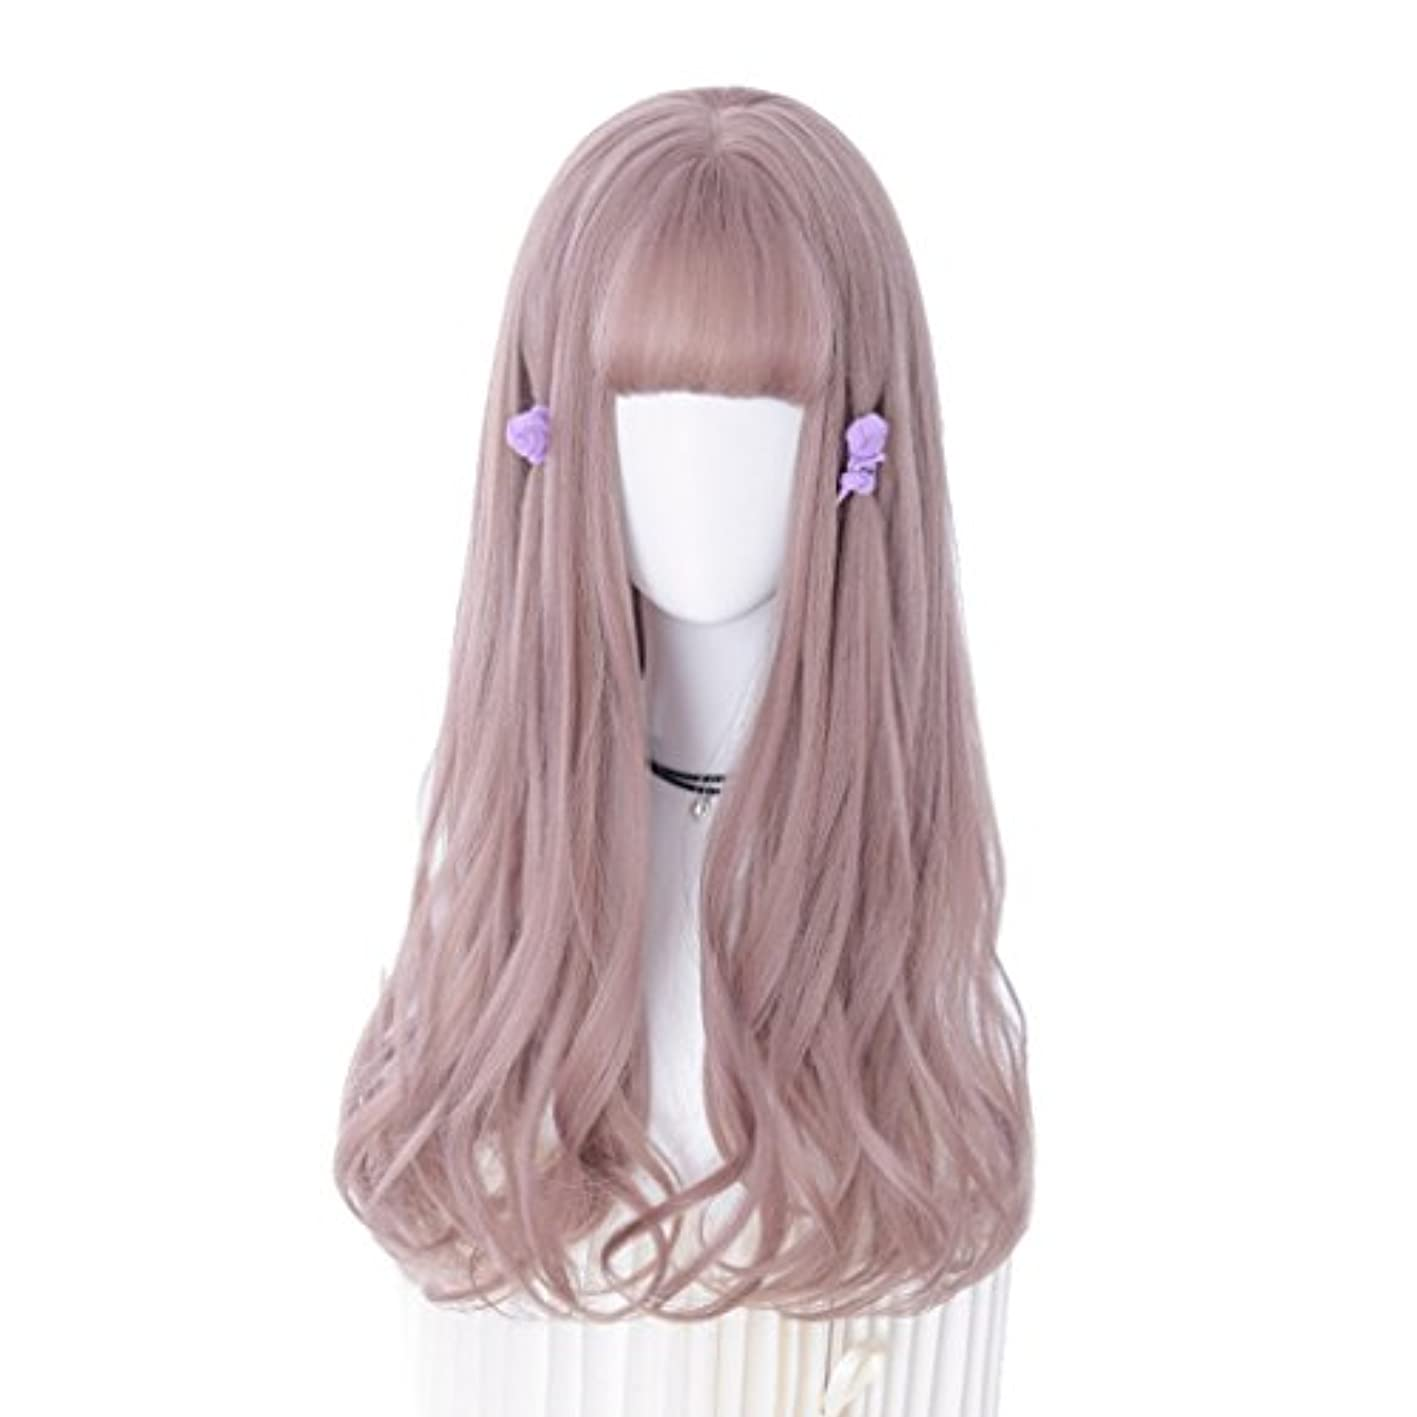 一目縫い目是正女性の長い波状のかつらピンクフルウィッグファッション甘いふわふわナチュラルロングウィッグ